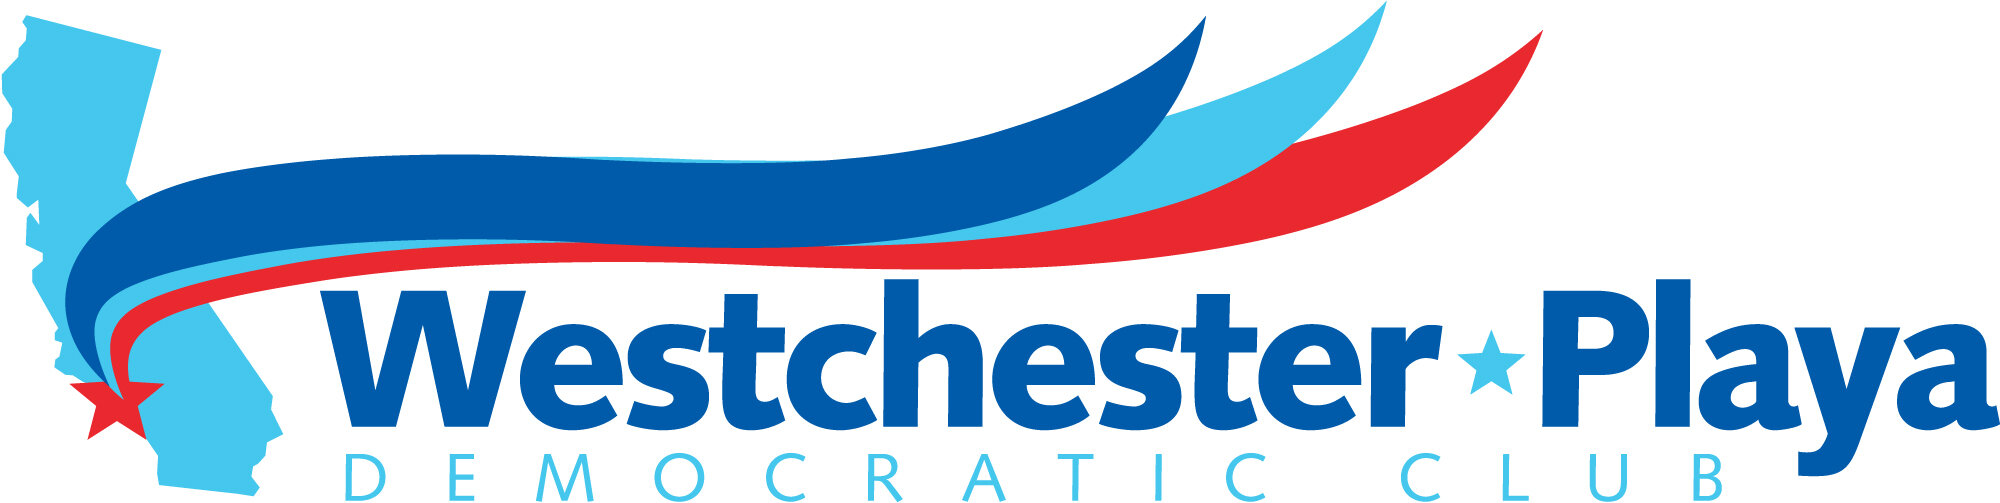 westchester playa democratic club logo